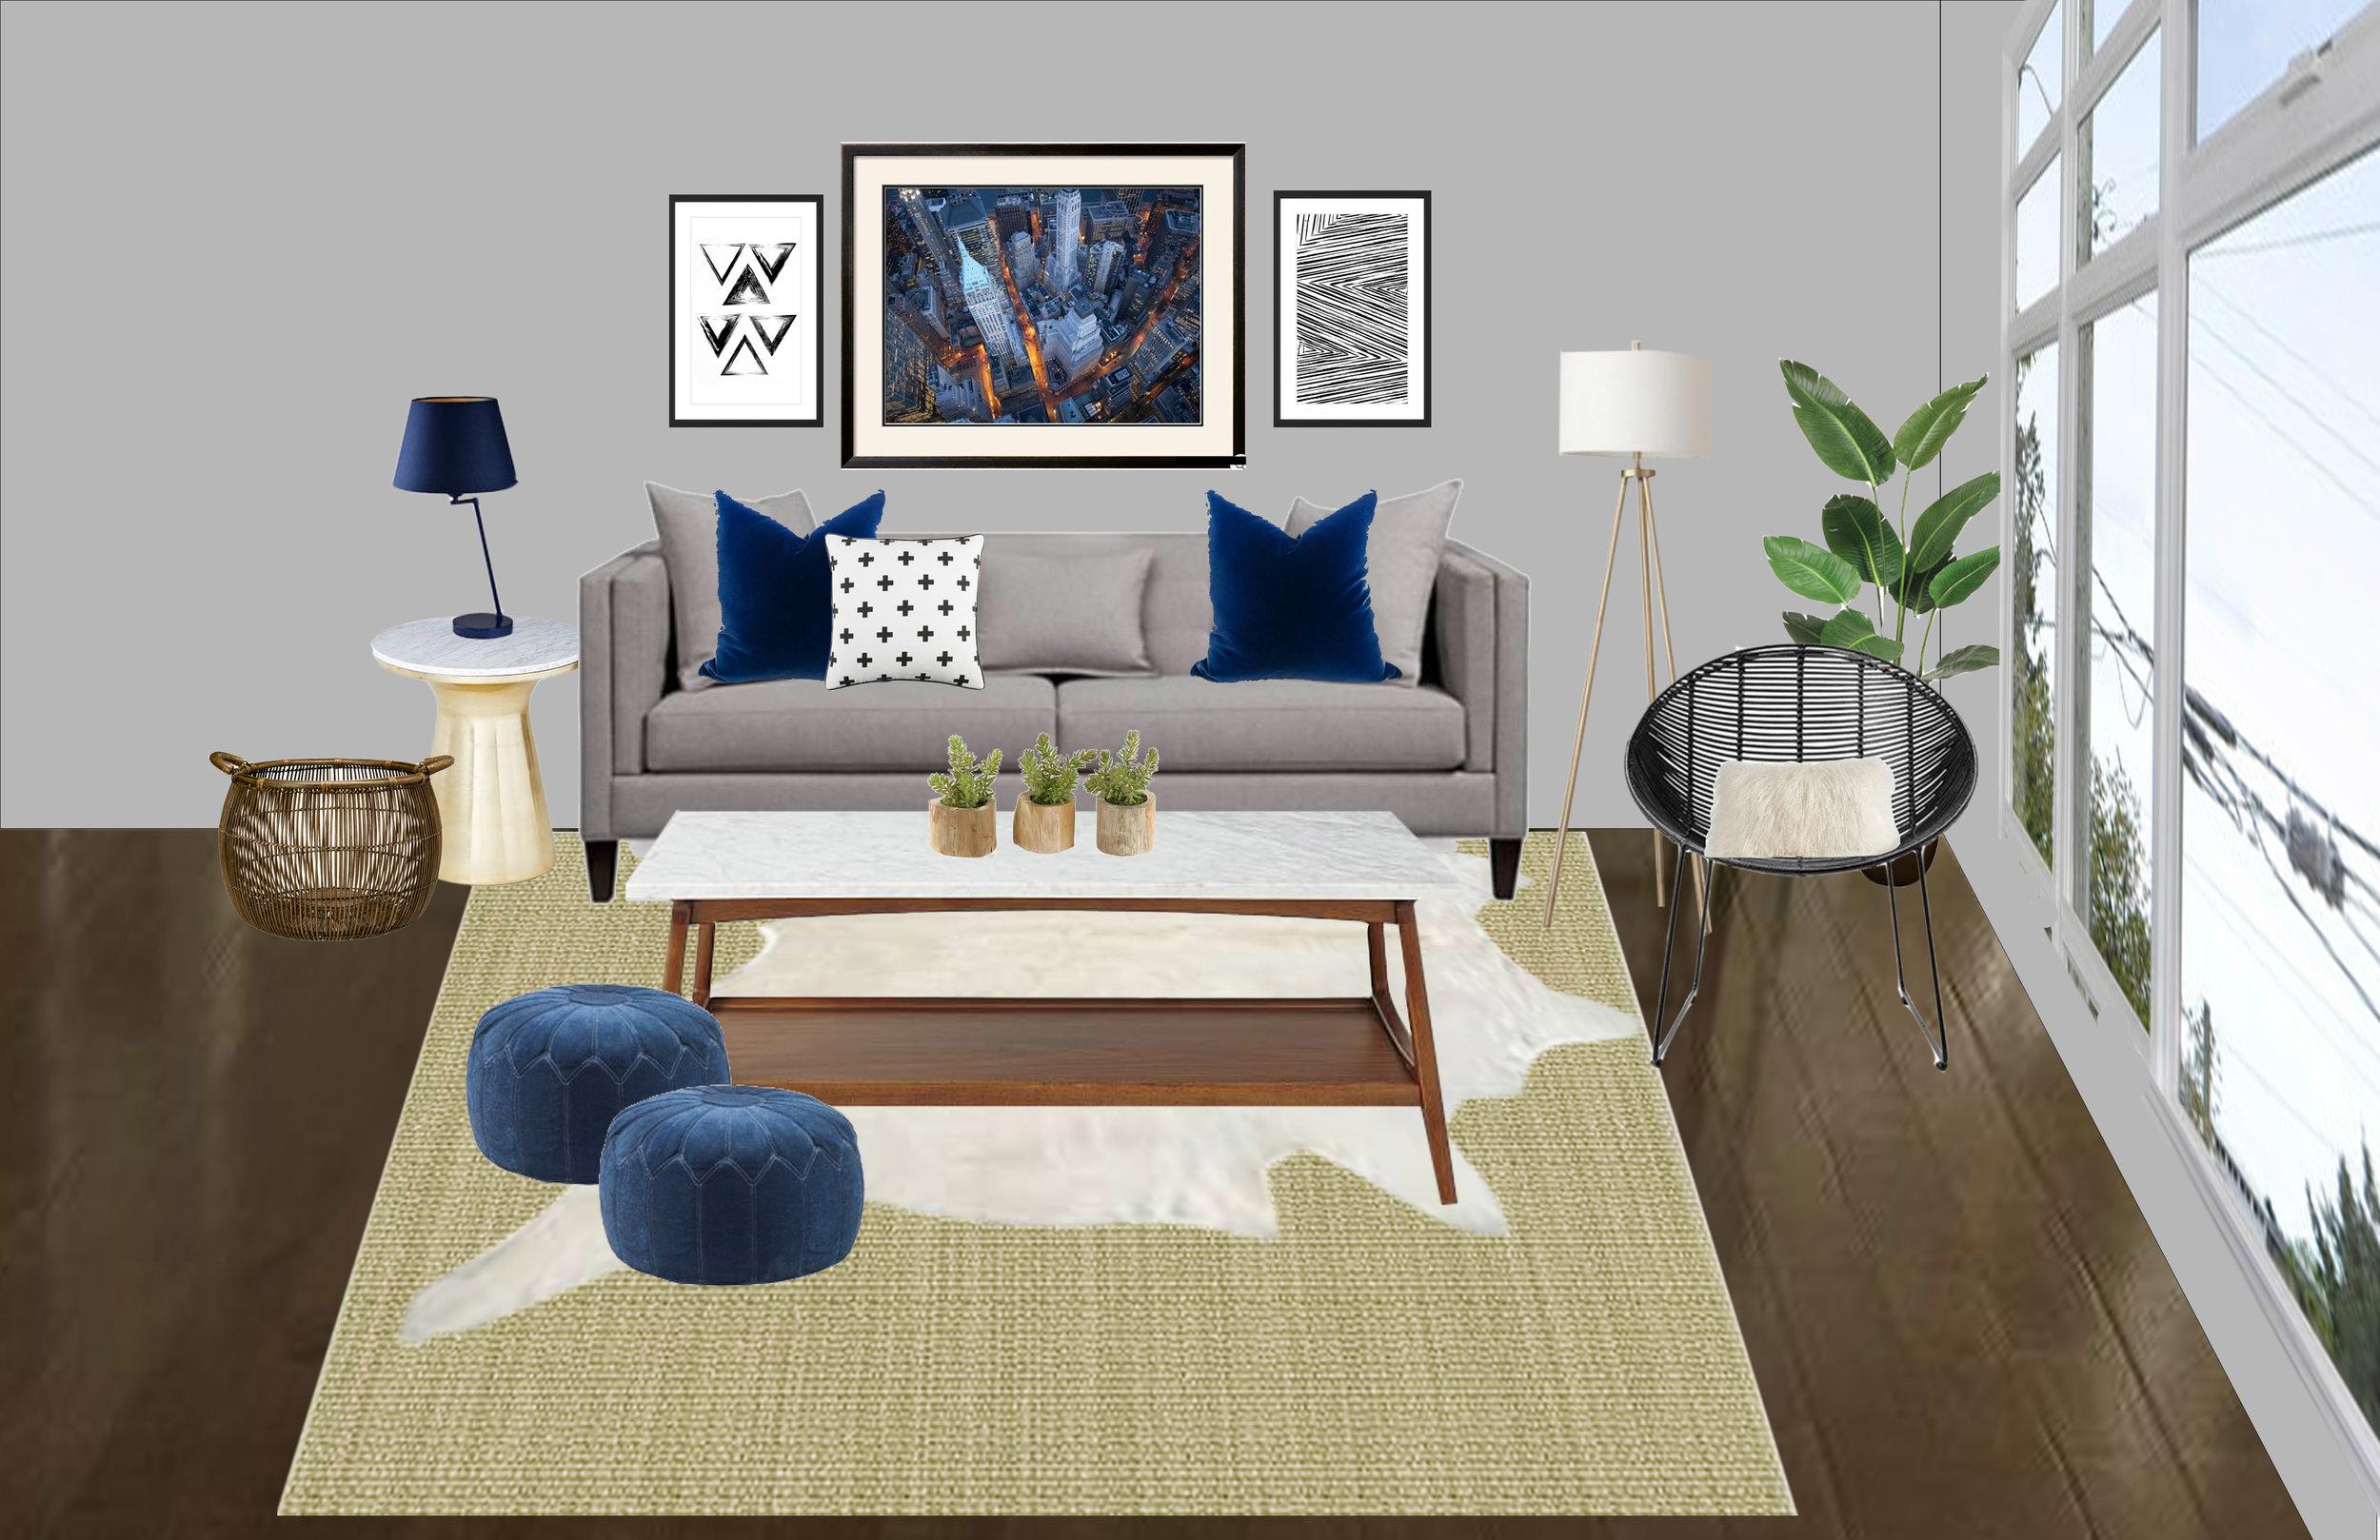 Bayan_DesignBoard.jpg